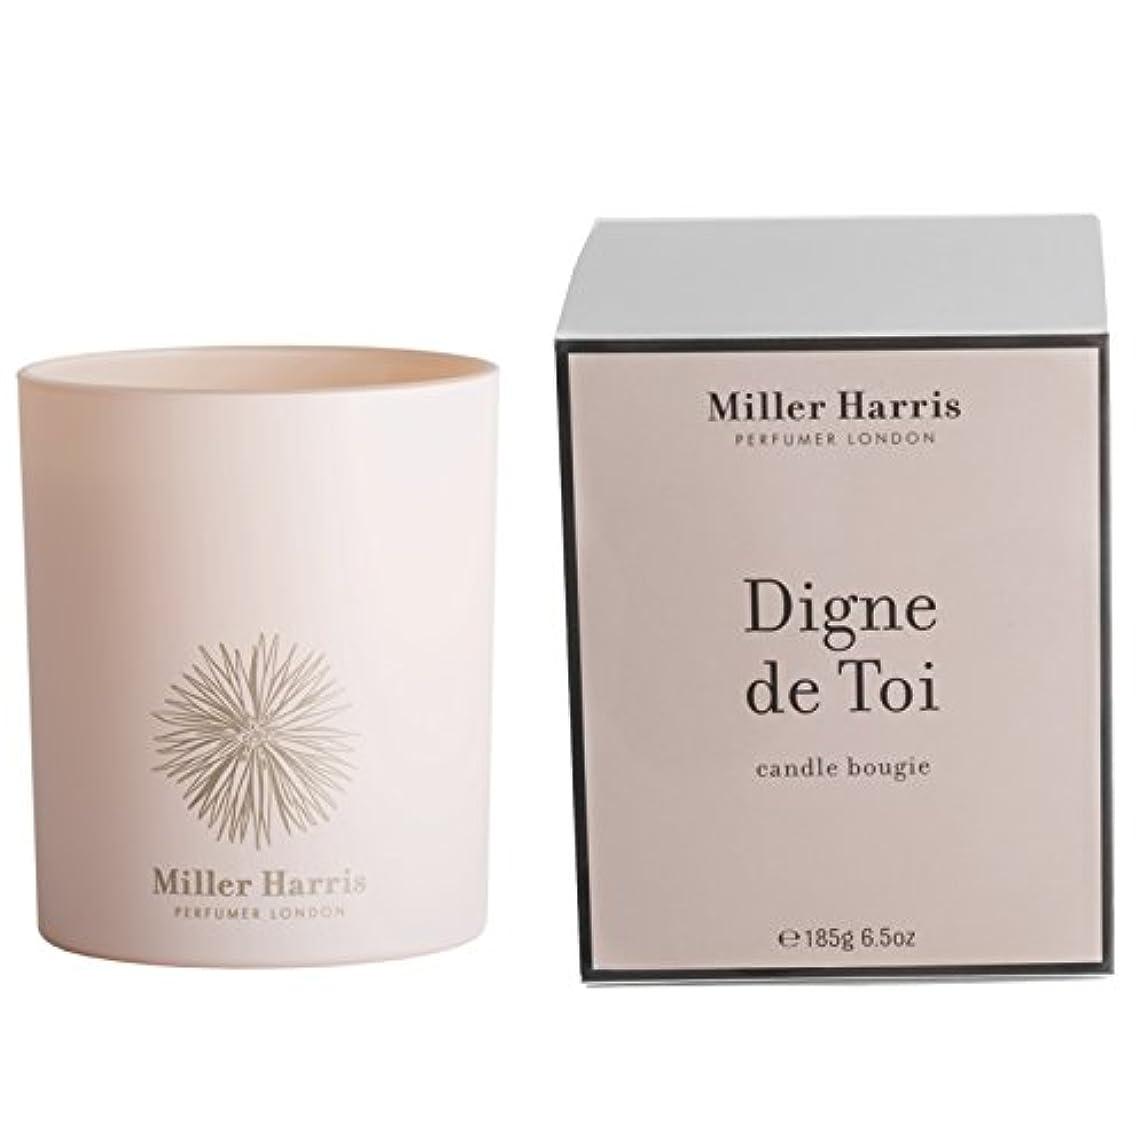 ミラーハリス Candle - Digne De Toi 185g/6.5oz並行輸入品